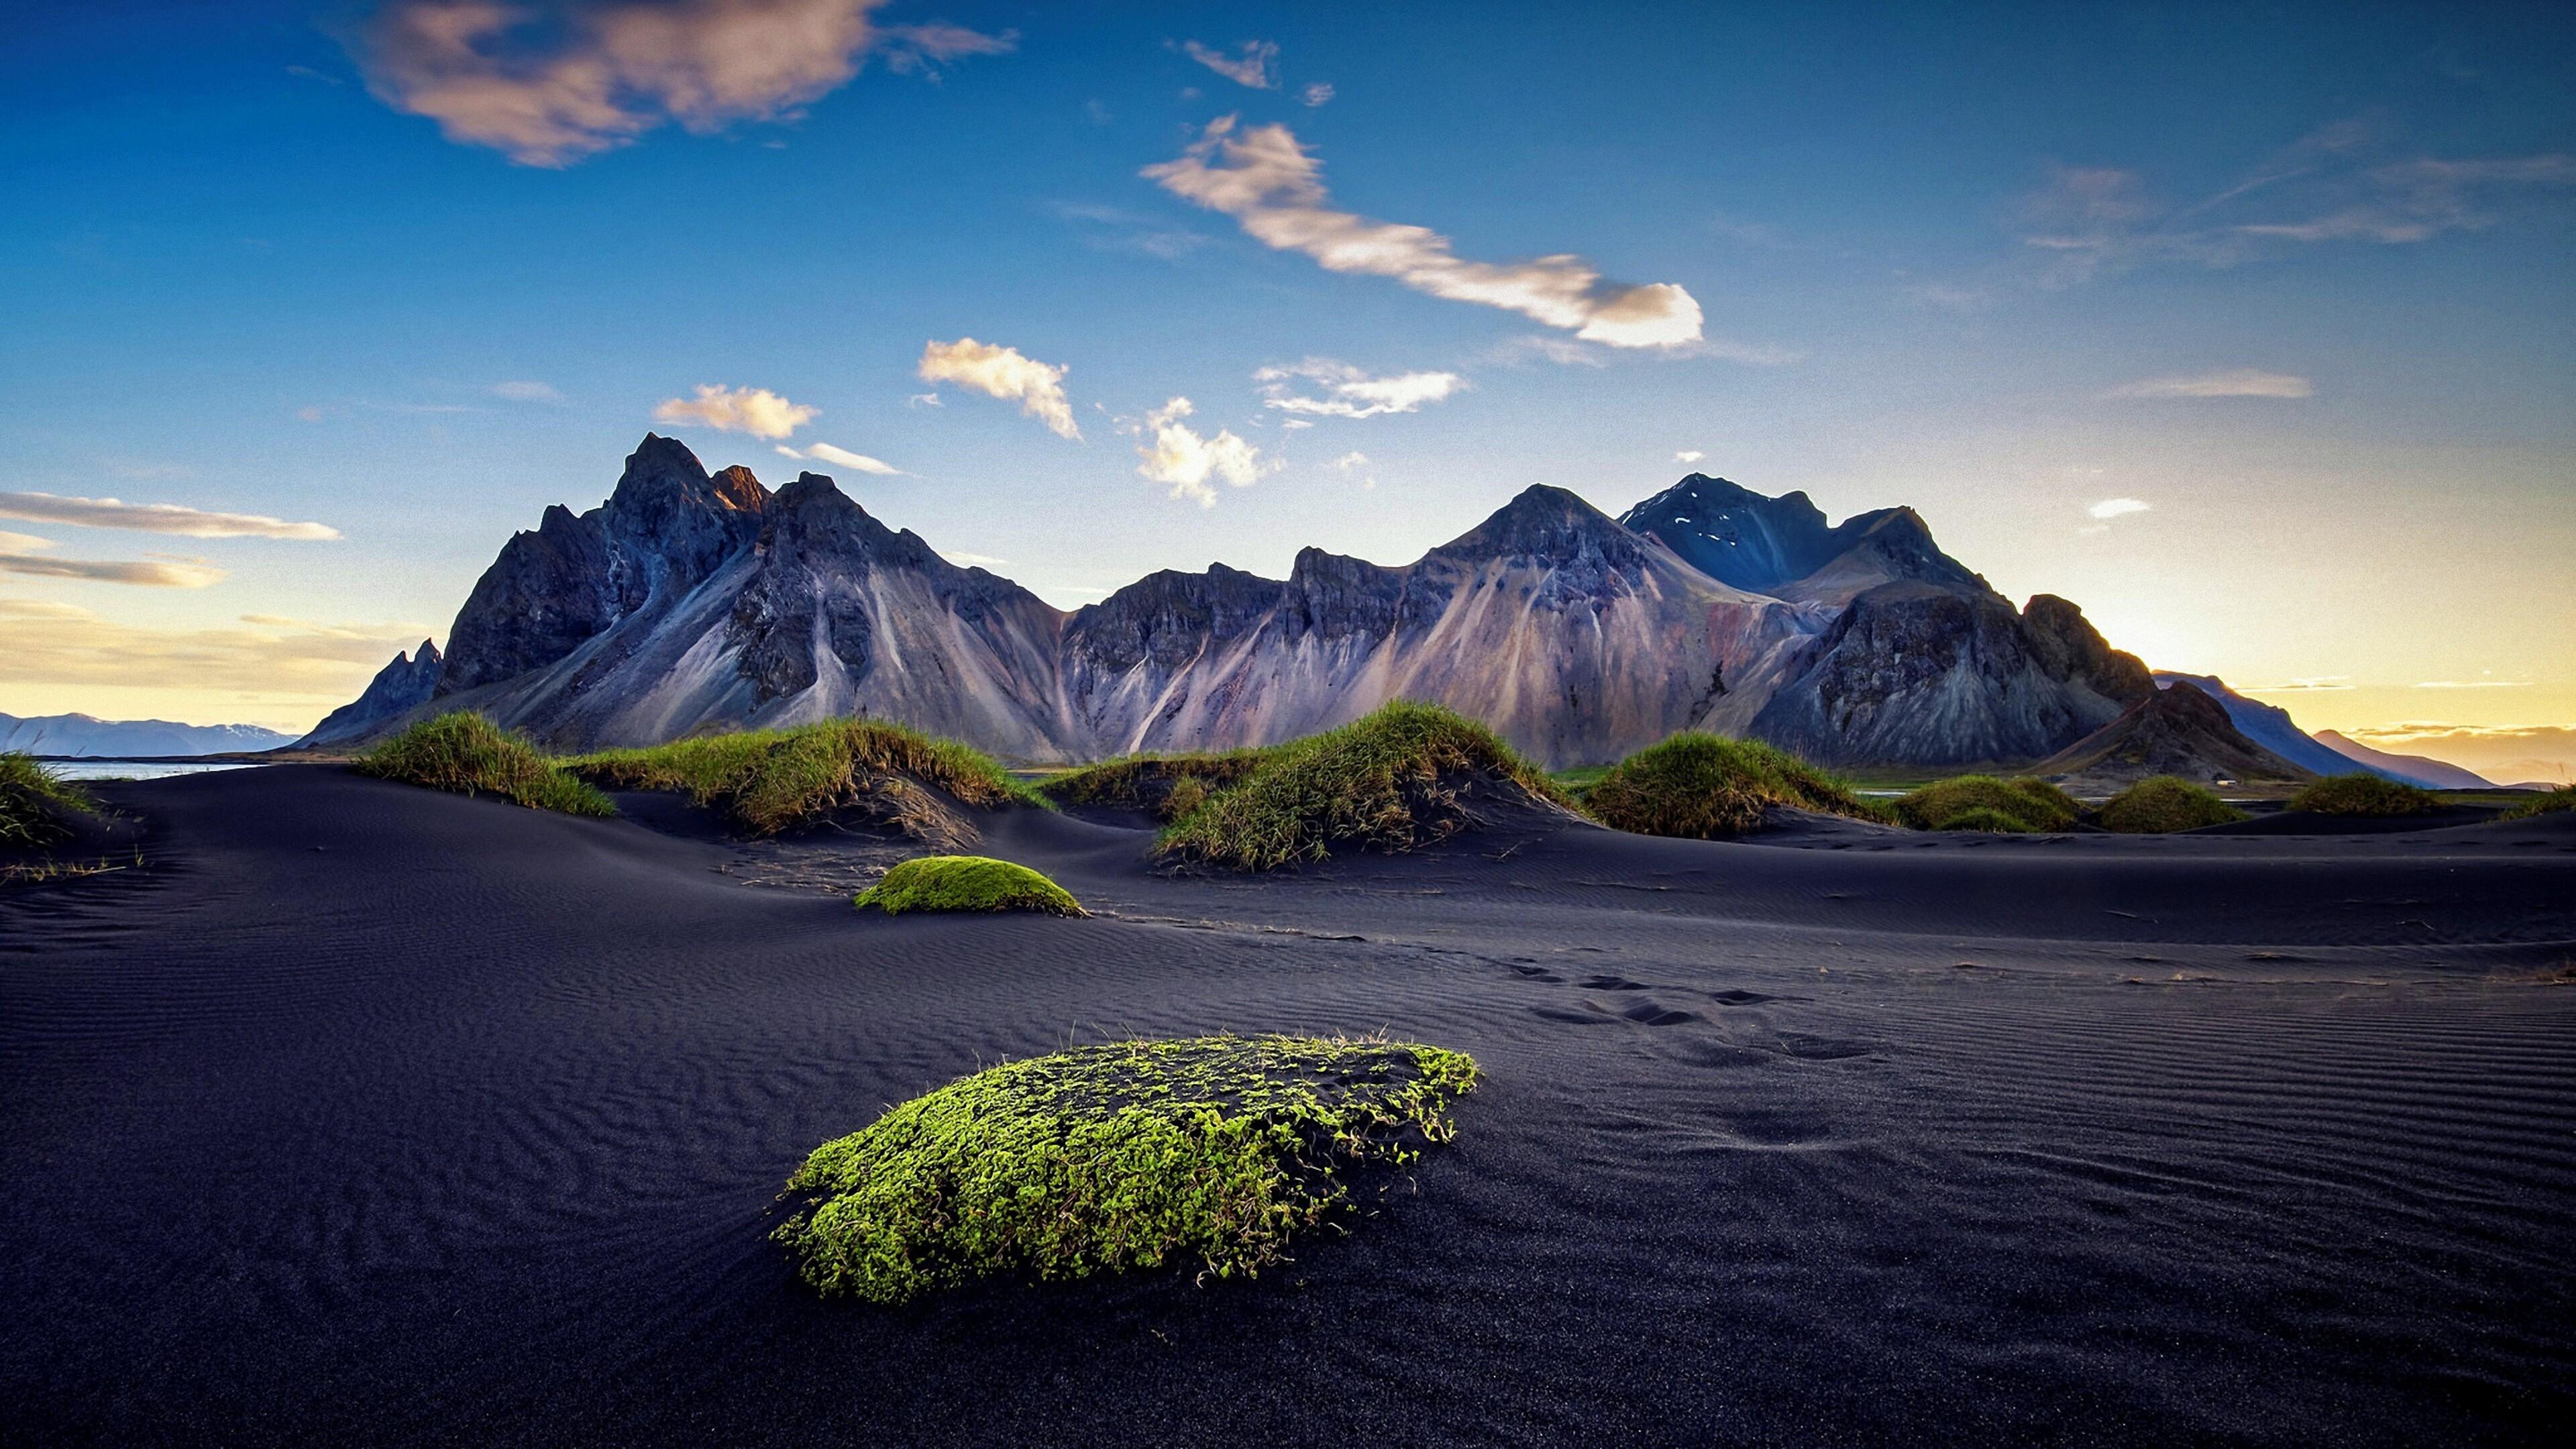 3840x2160 Black Desert 4k HD 4k Wallpapers, Images ...